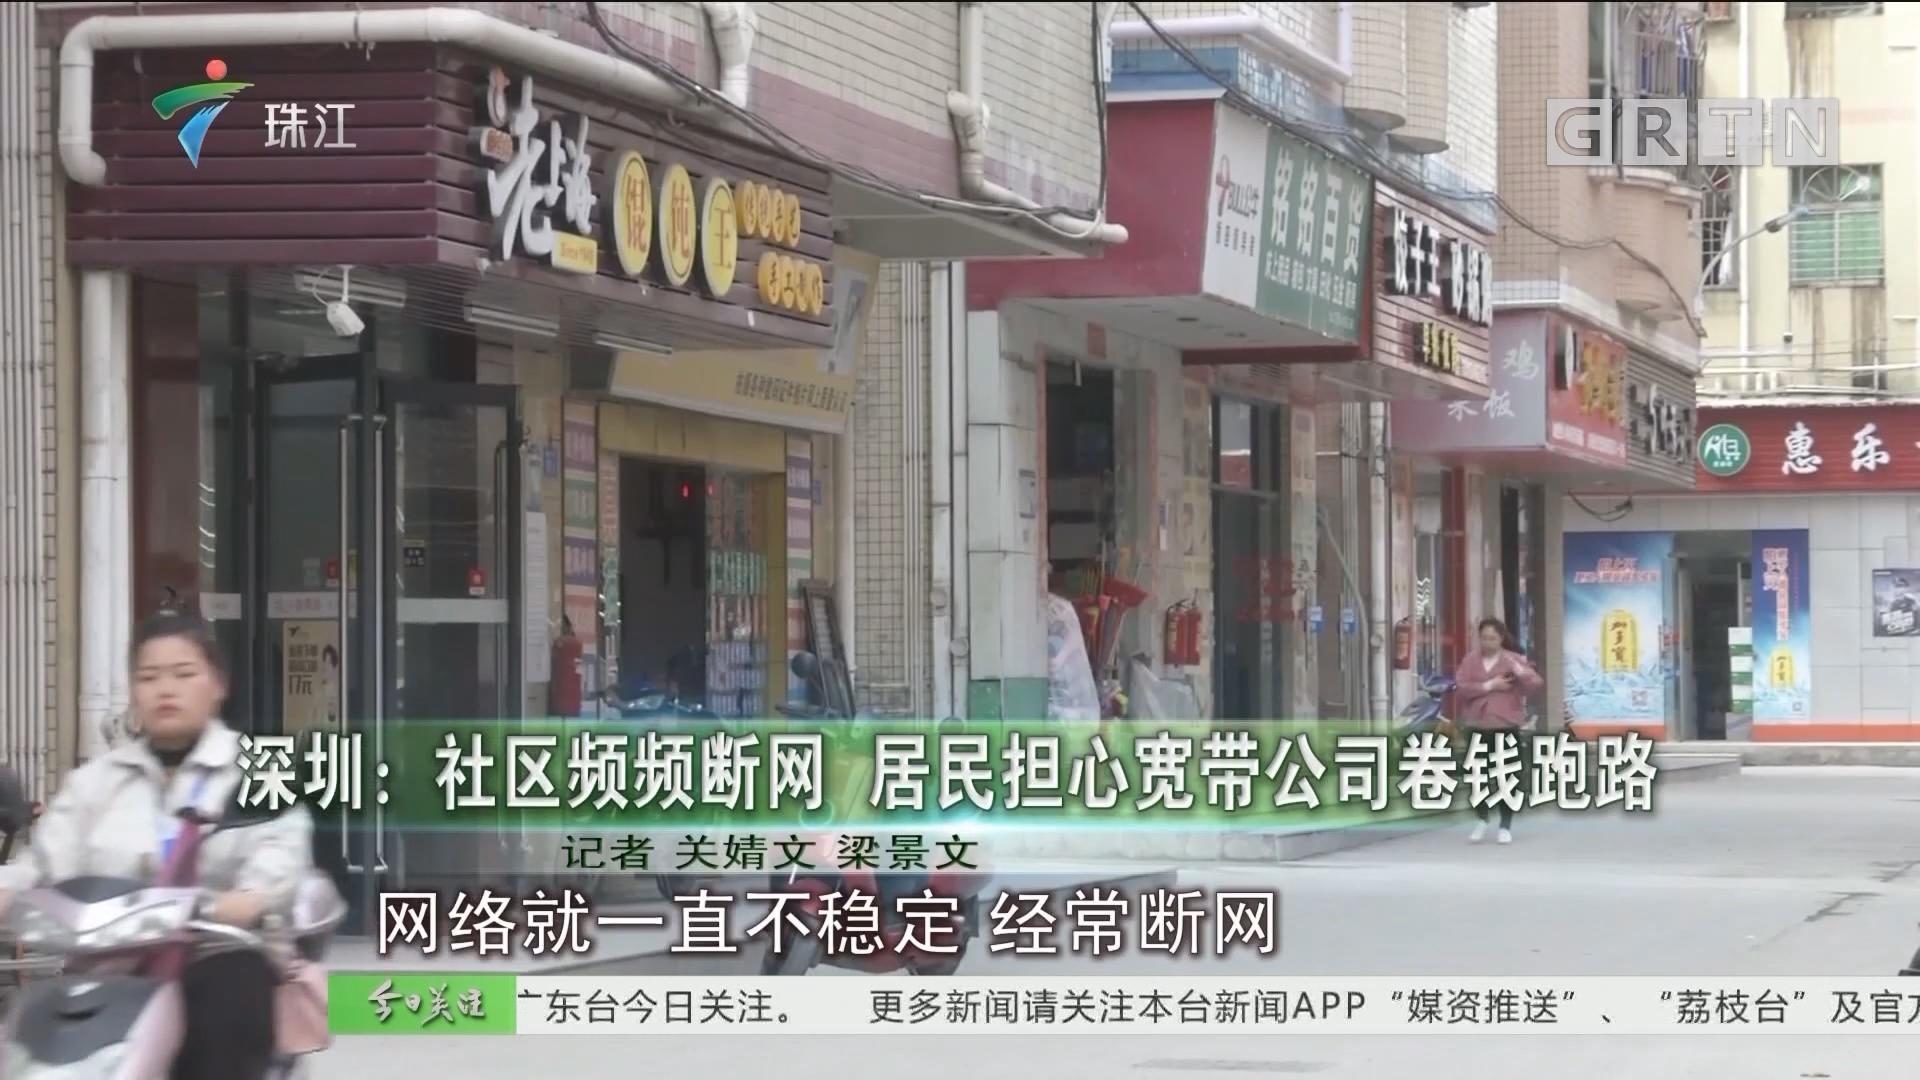 深圳:社区频频断网 居民担心宽带公司卷钱跑路